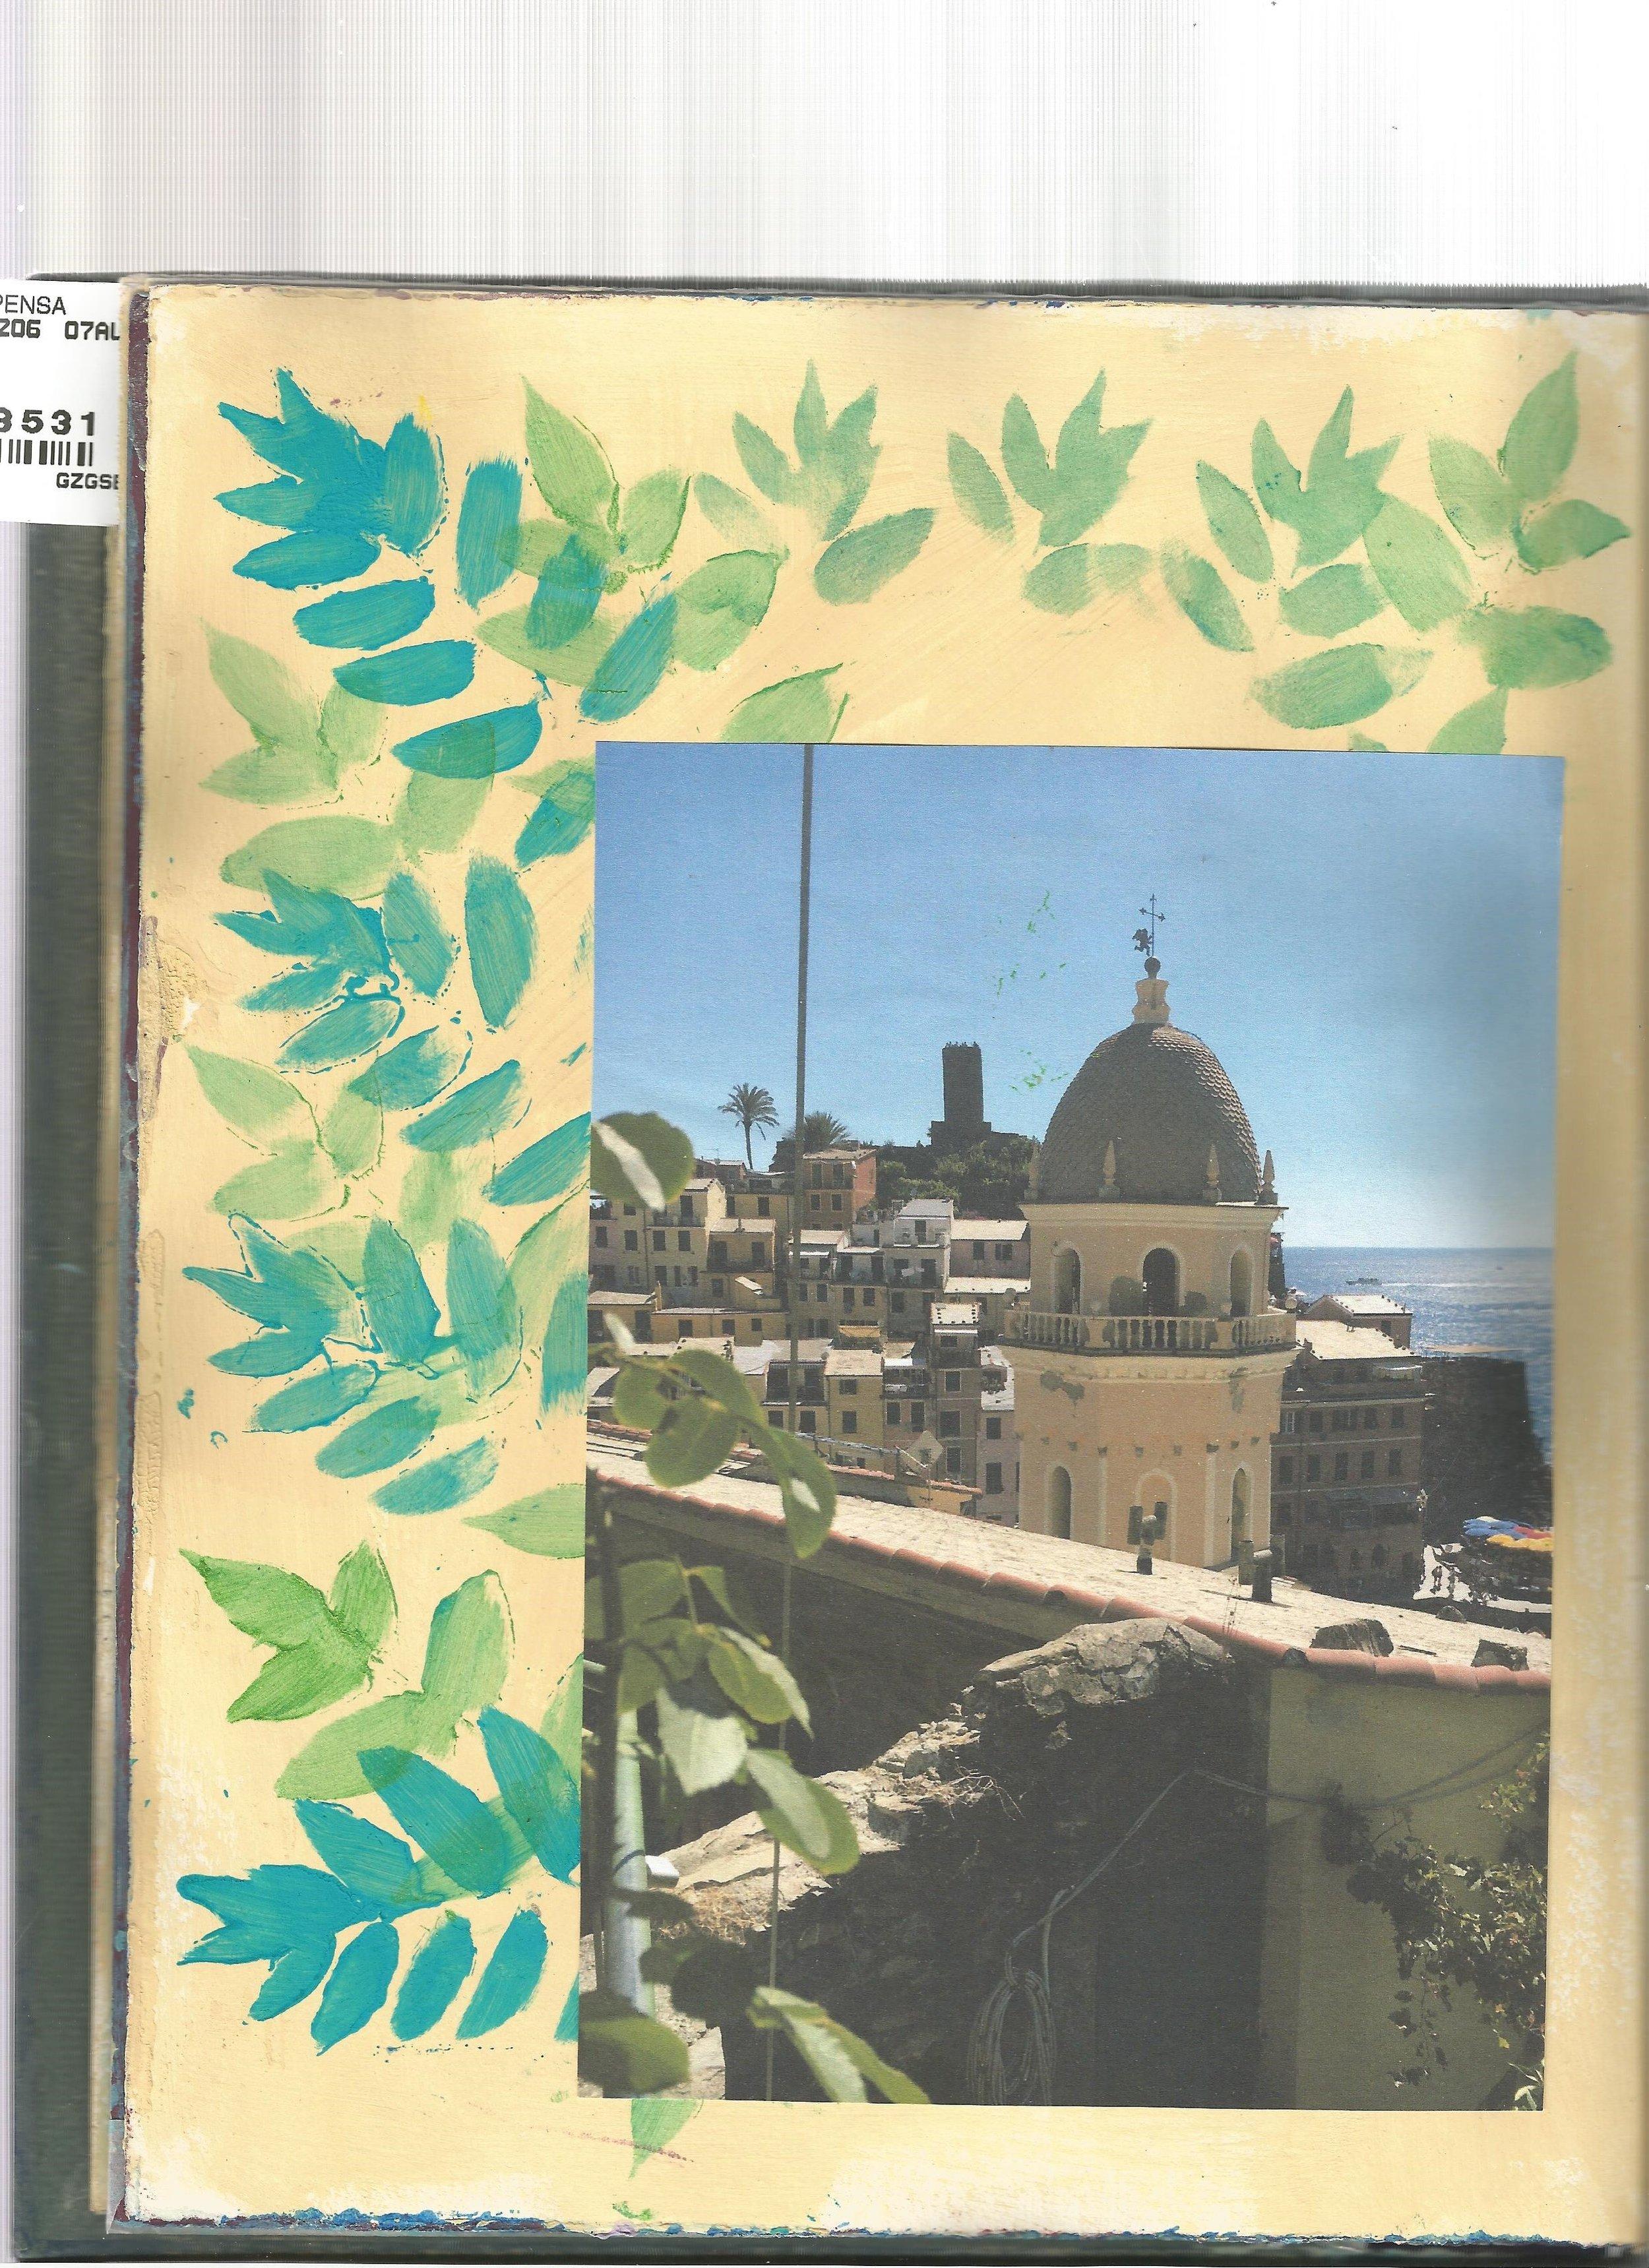 ArtArtbook12.jpg